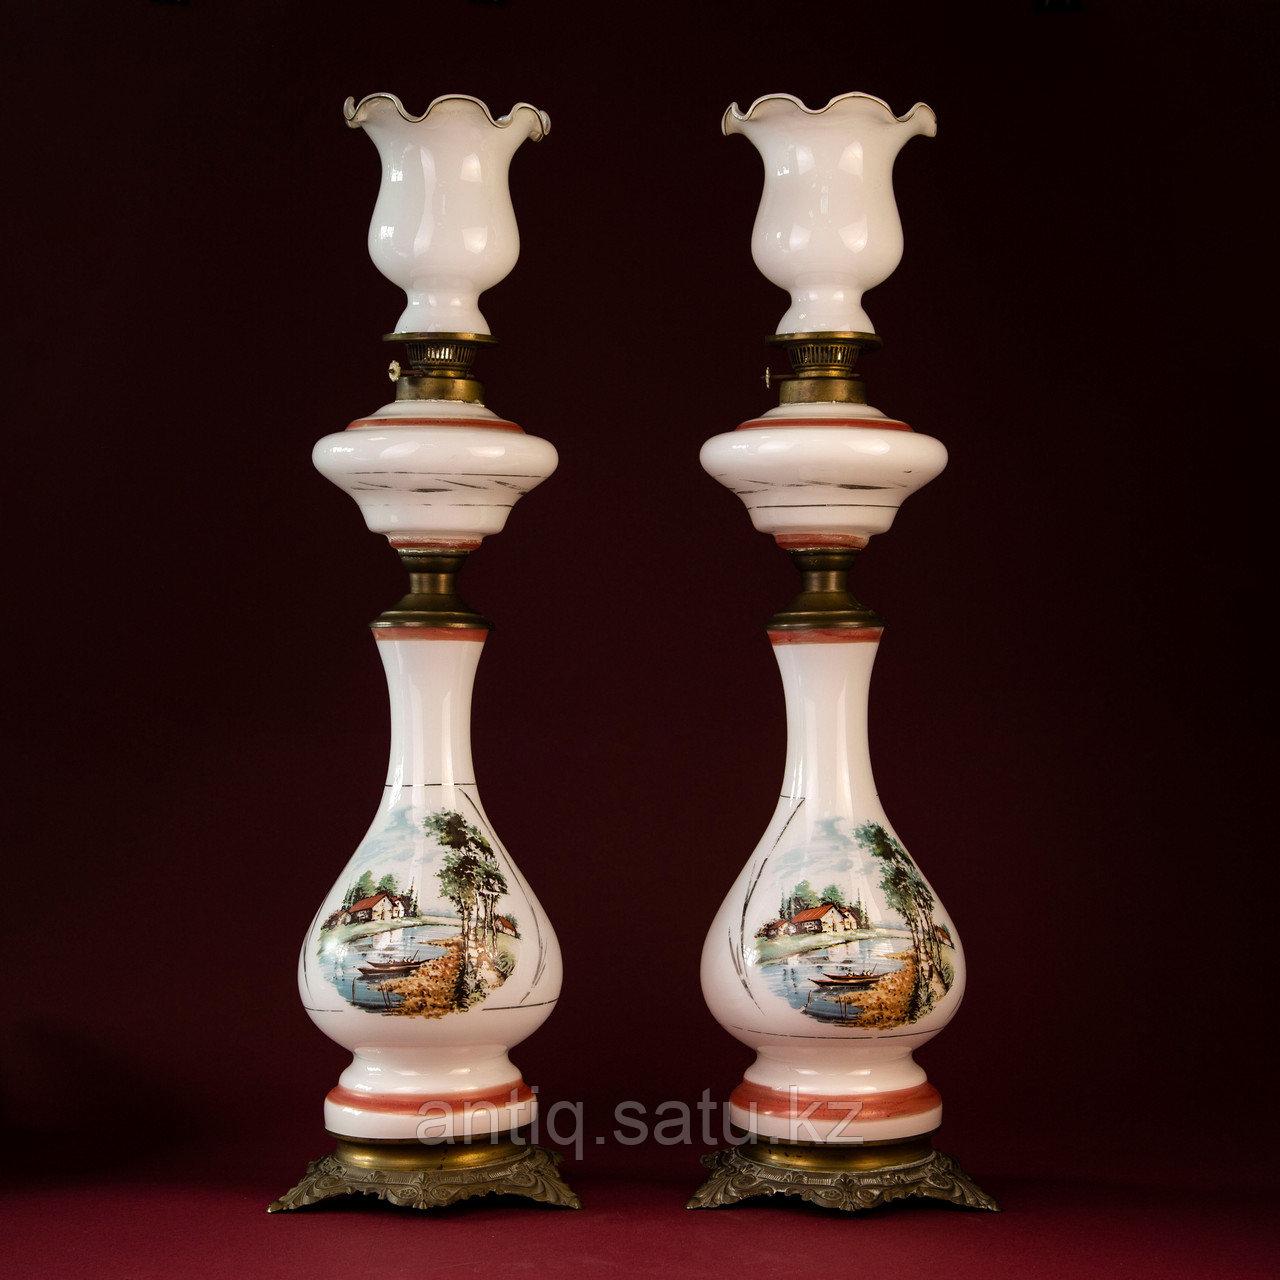 Парные керосиновые лампы с пейзажами Западная Европа. Конец XIX начало ХХ века - фото 1